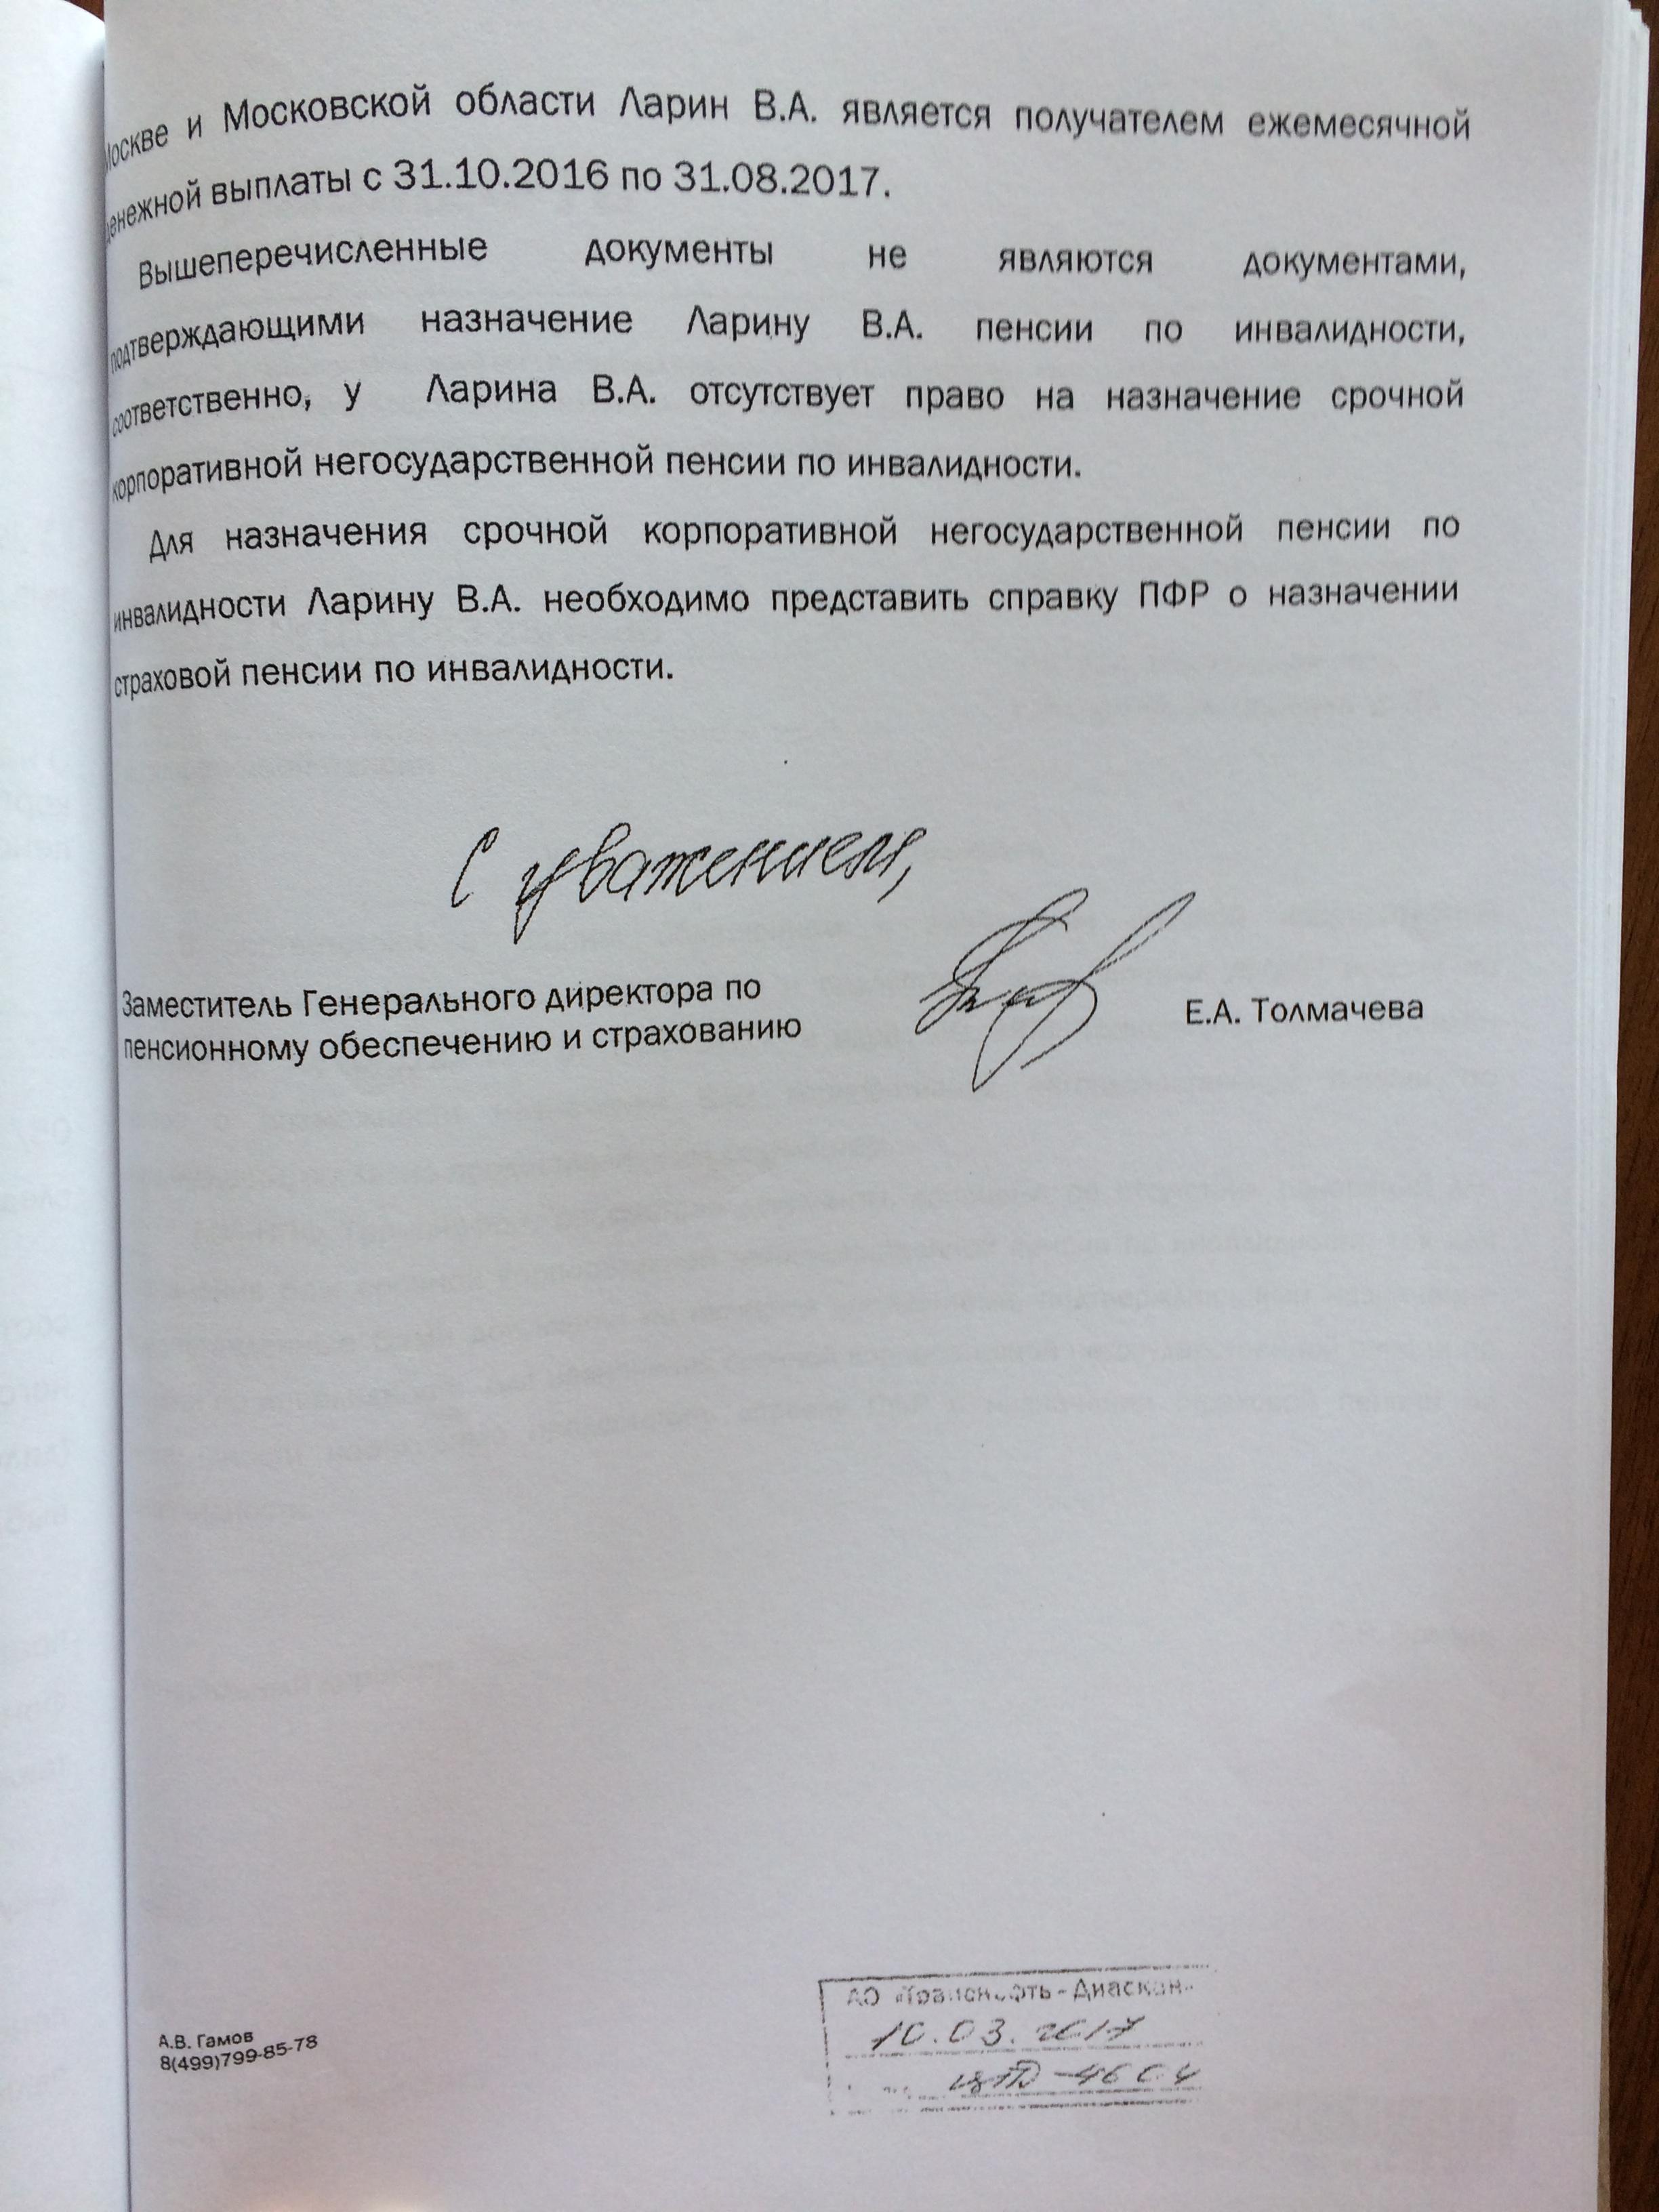 Фото документов проверки Луховицкой городской прокуратурой - 54 (5)